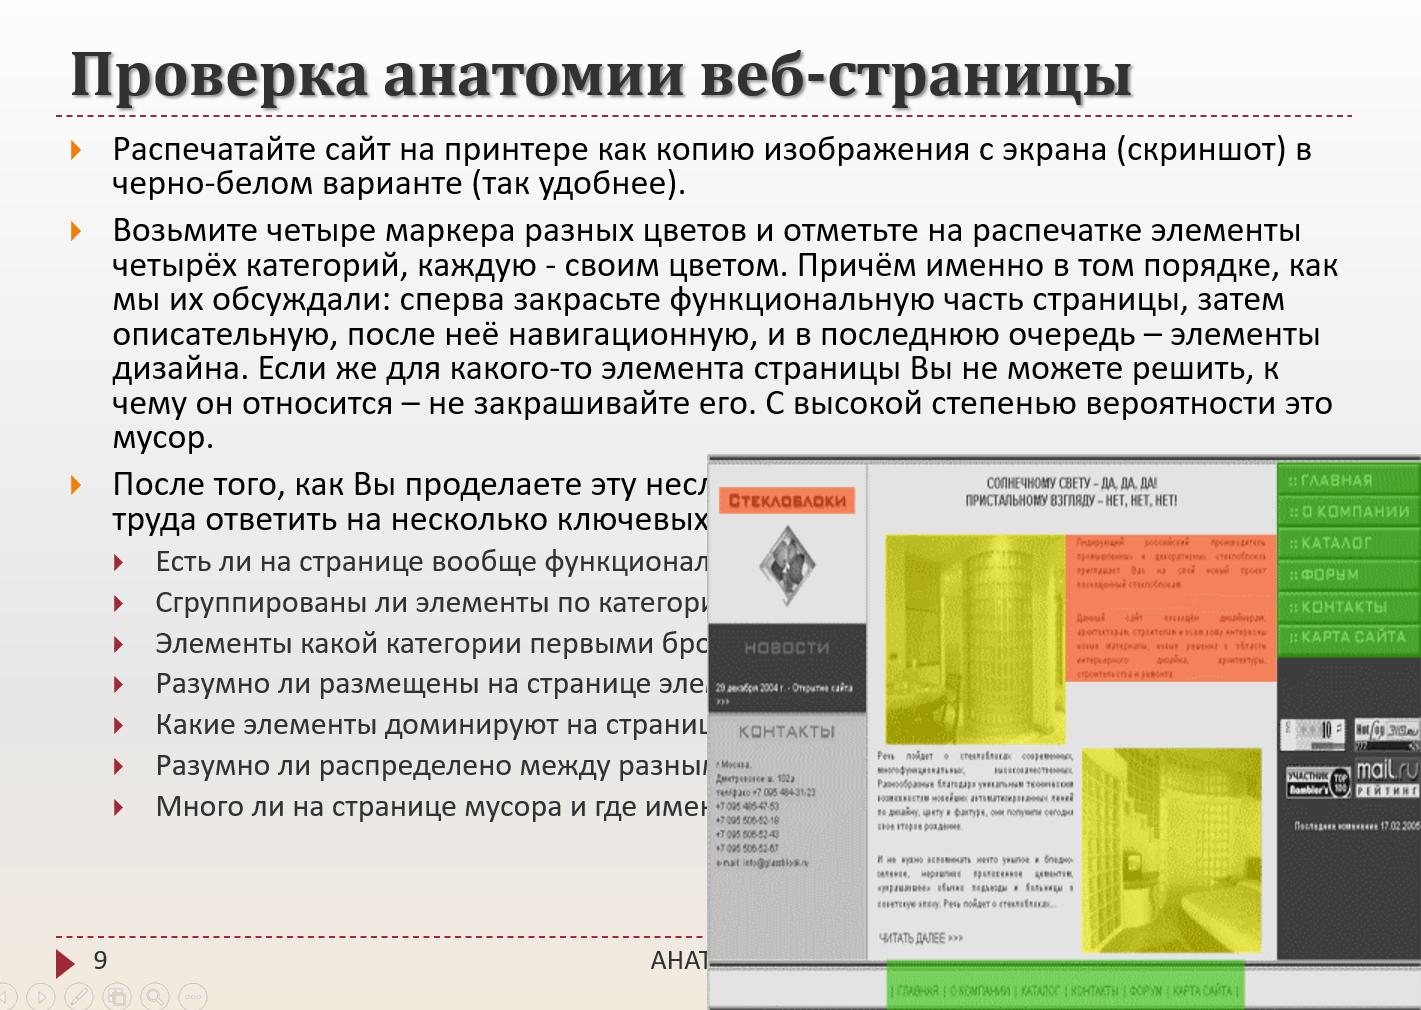 Владислав Карпенко, заместитель директора компании Sungate по коммерческим вопросам